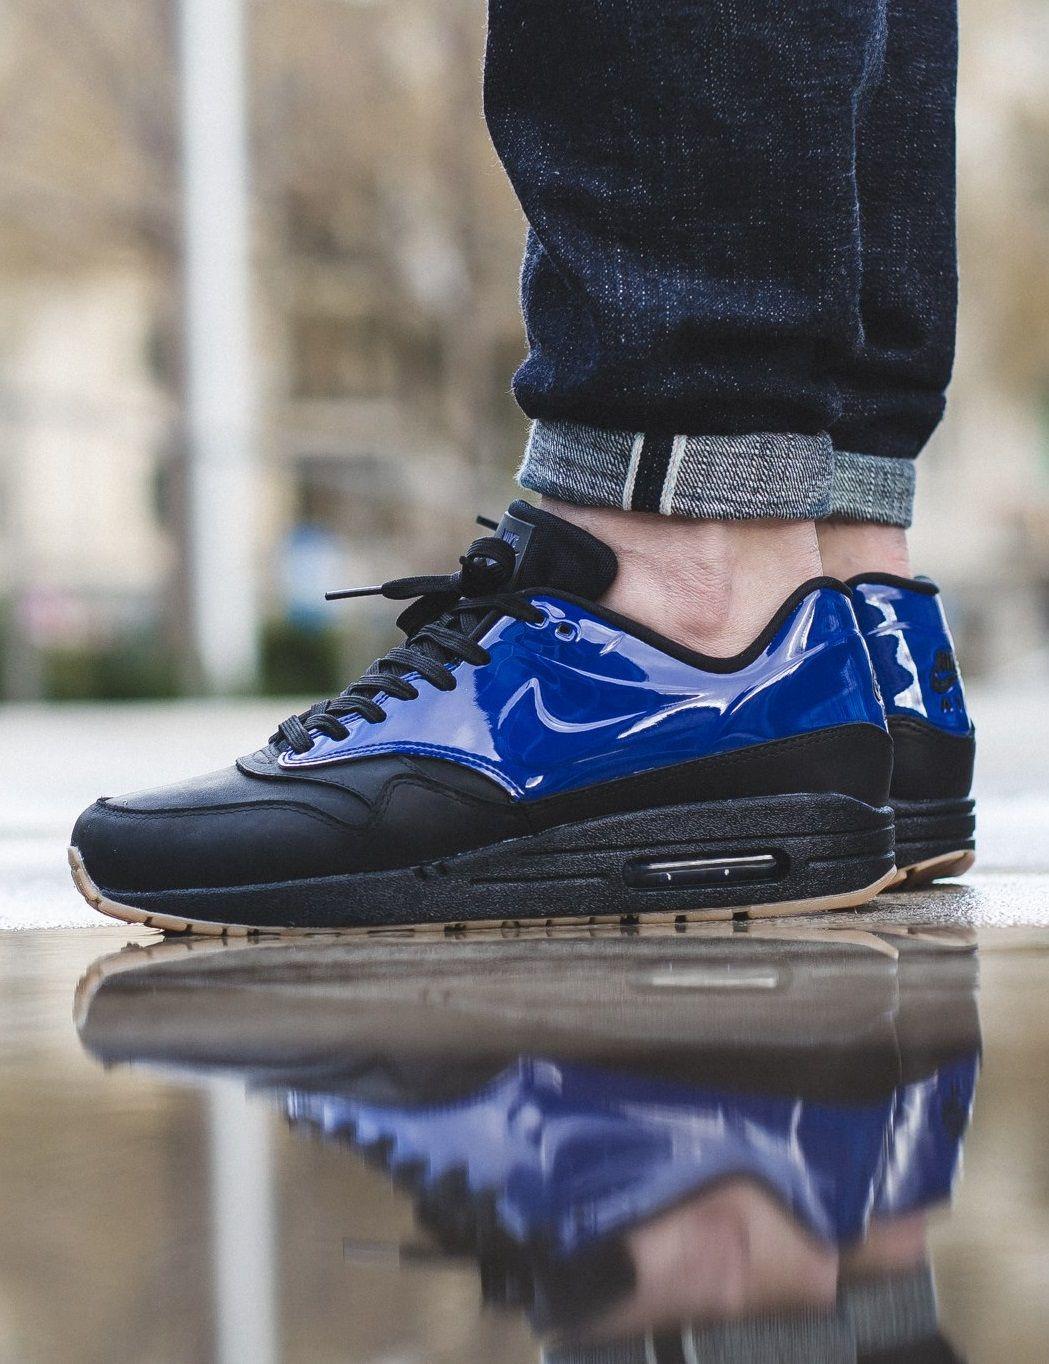 Nike Air Max 1 Vac Tech Blue/Black Nike air max